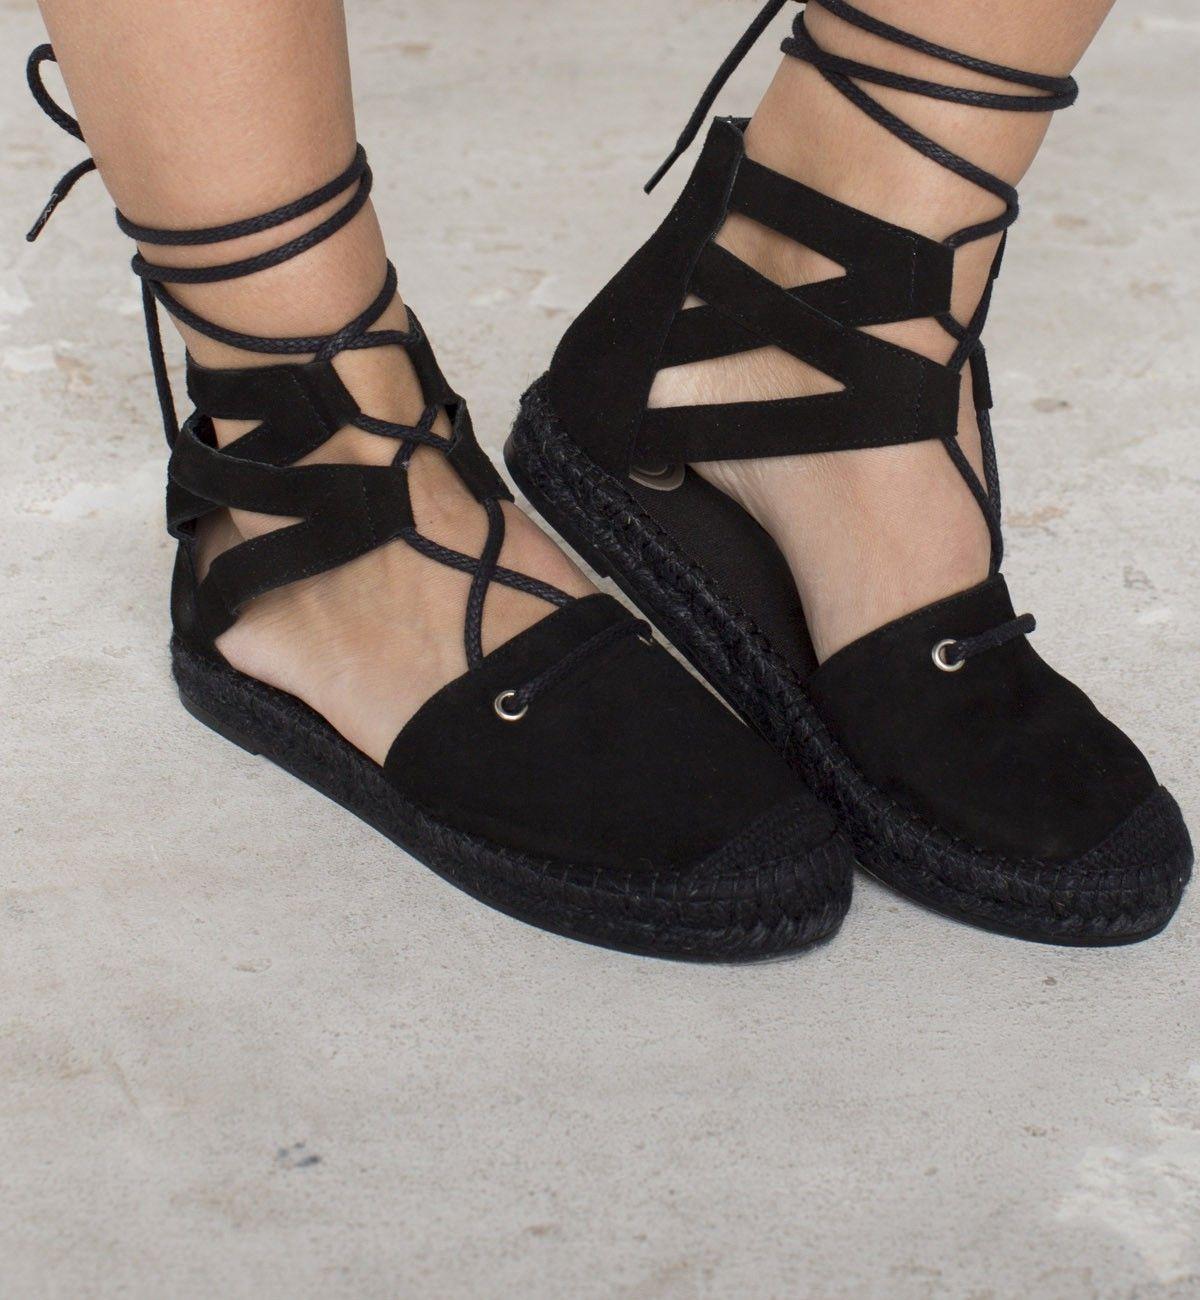 Zapatos negros Polin Et Moi para mujer Compre lo más nuevo Elección La venta más barata en línea Clearance Store Barato Online Z86TBeA0